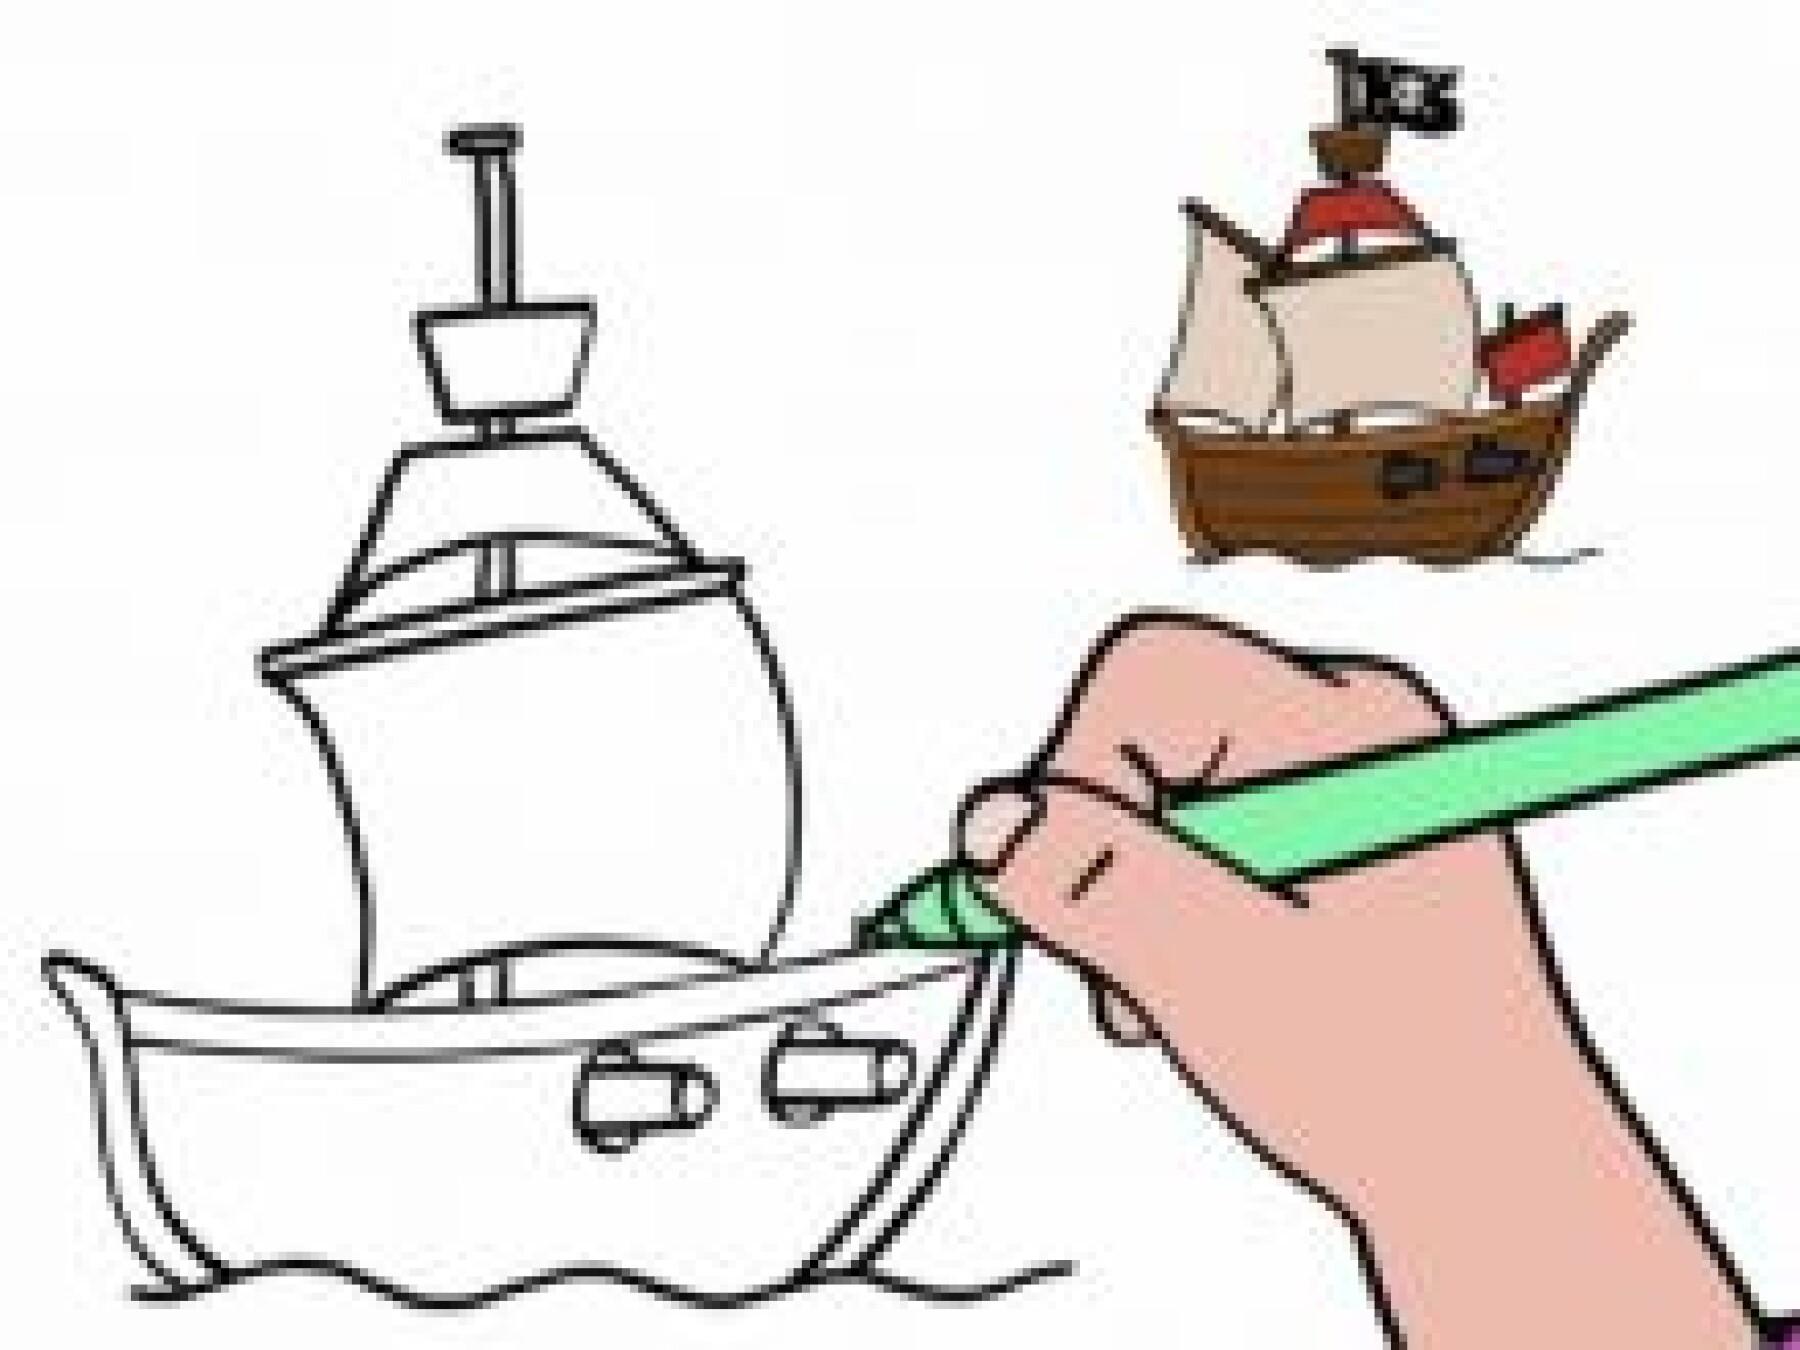 Dessiner un bateau-pirate